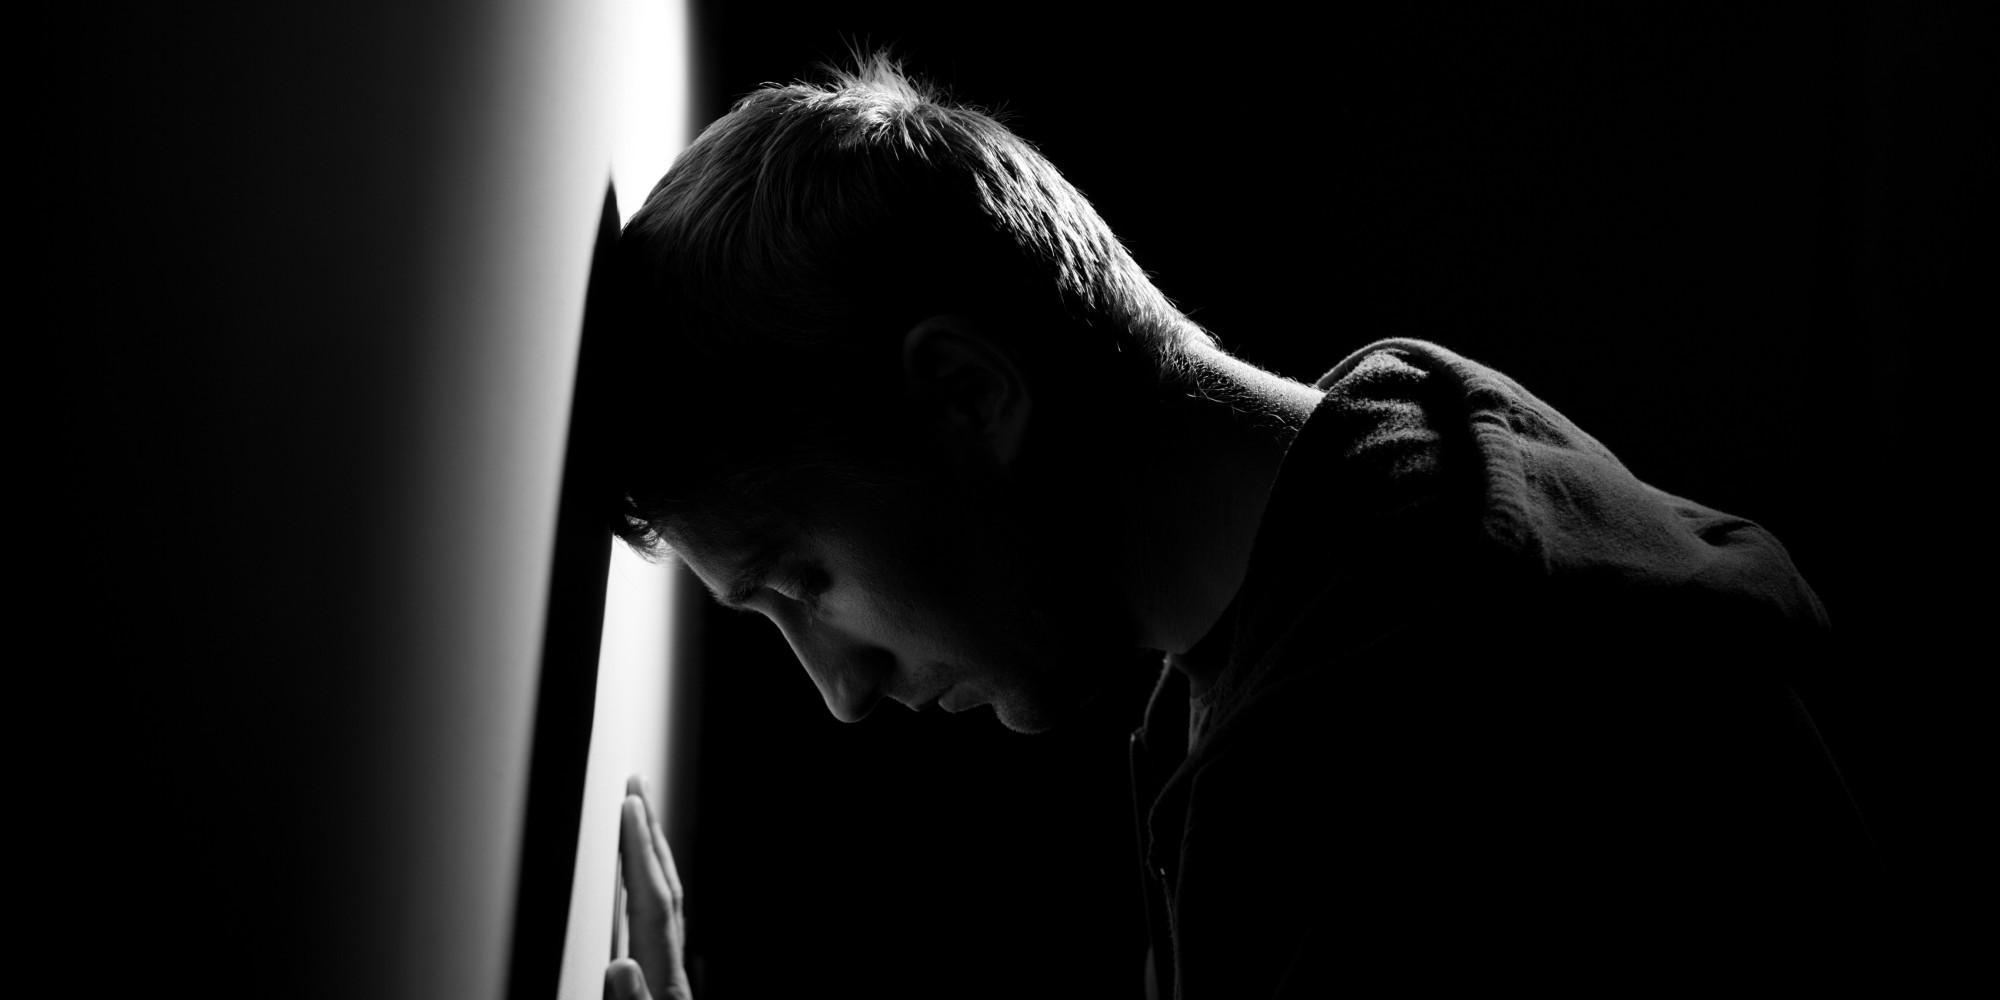 Как мотивировать себя на новую жизнь после смерти близкого человека